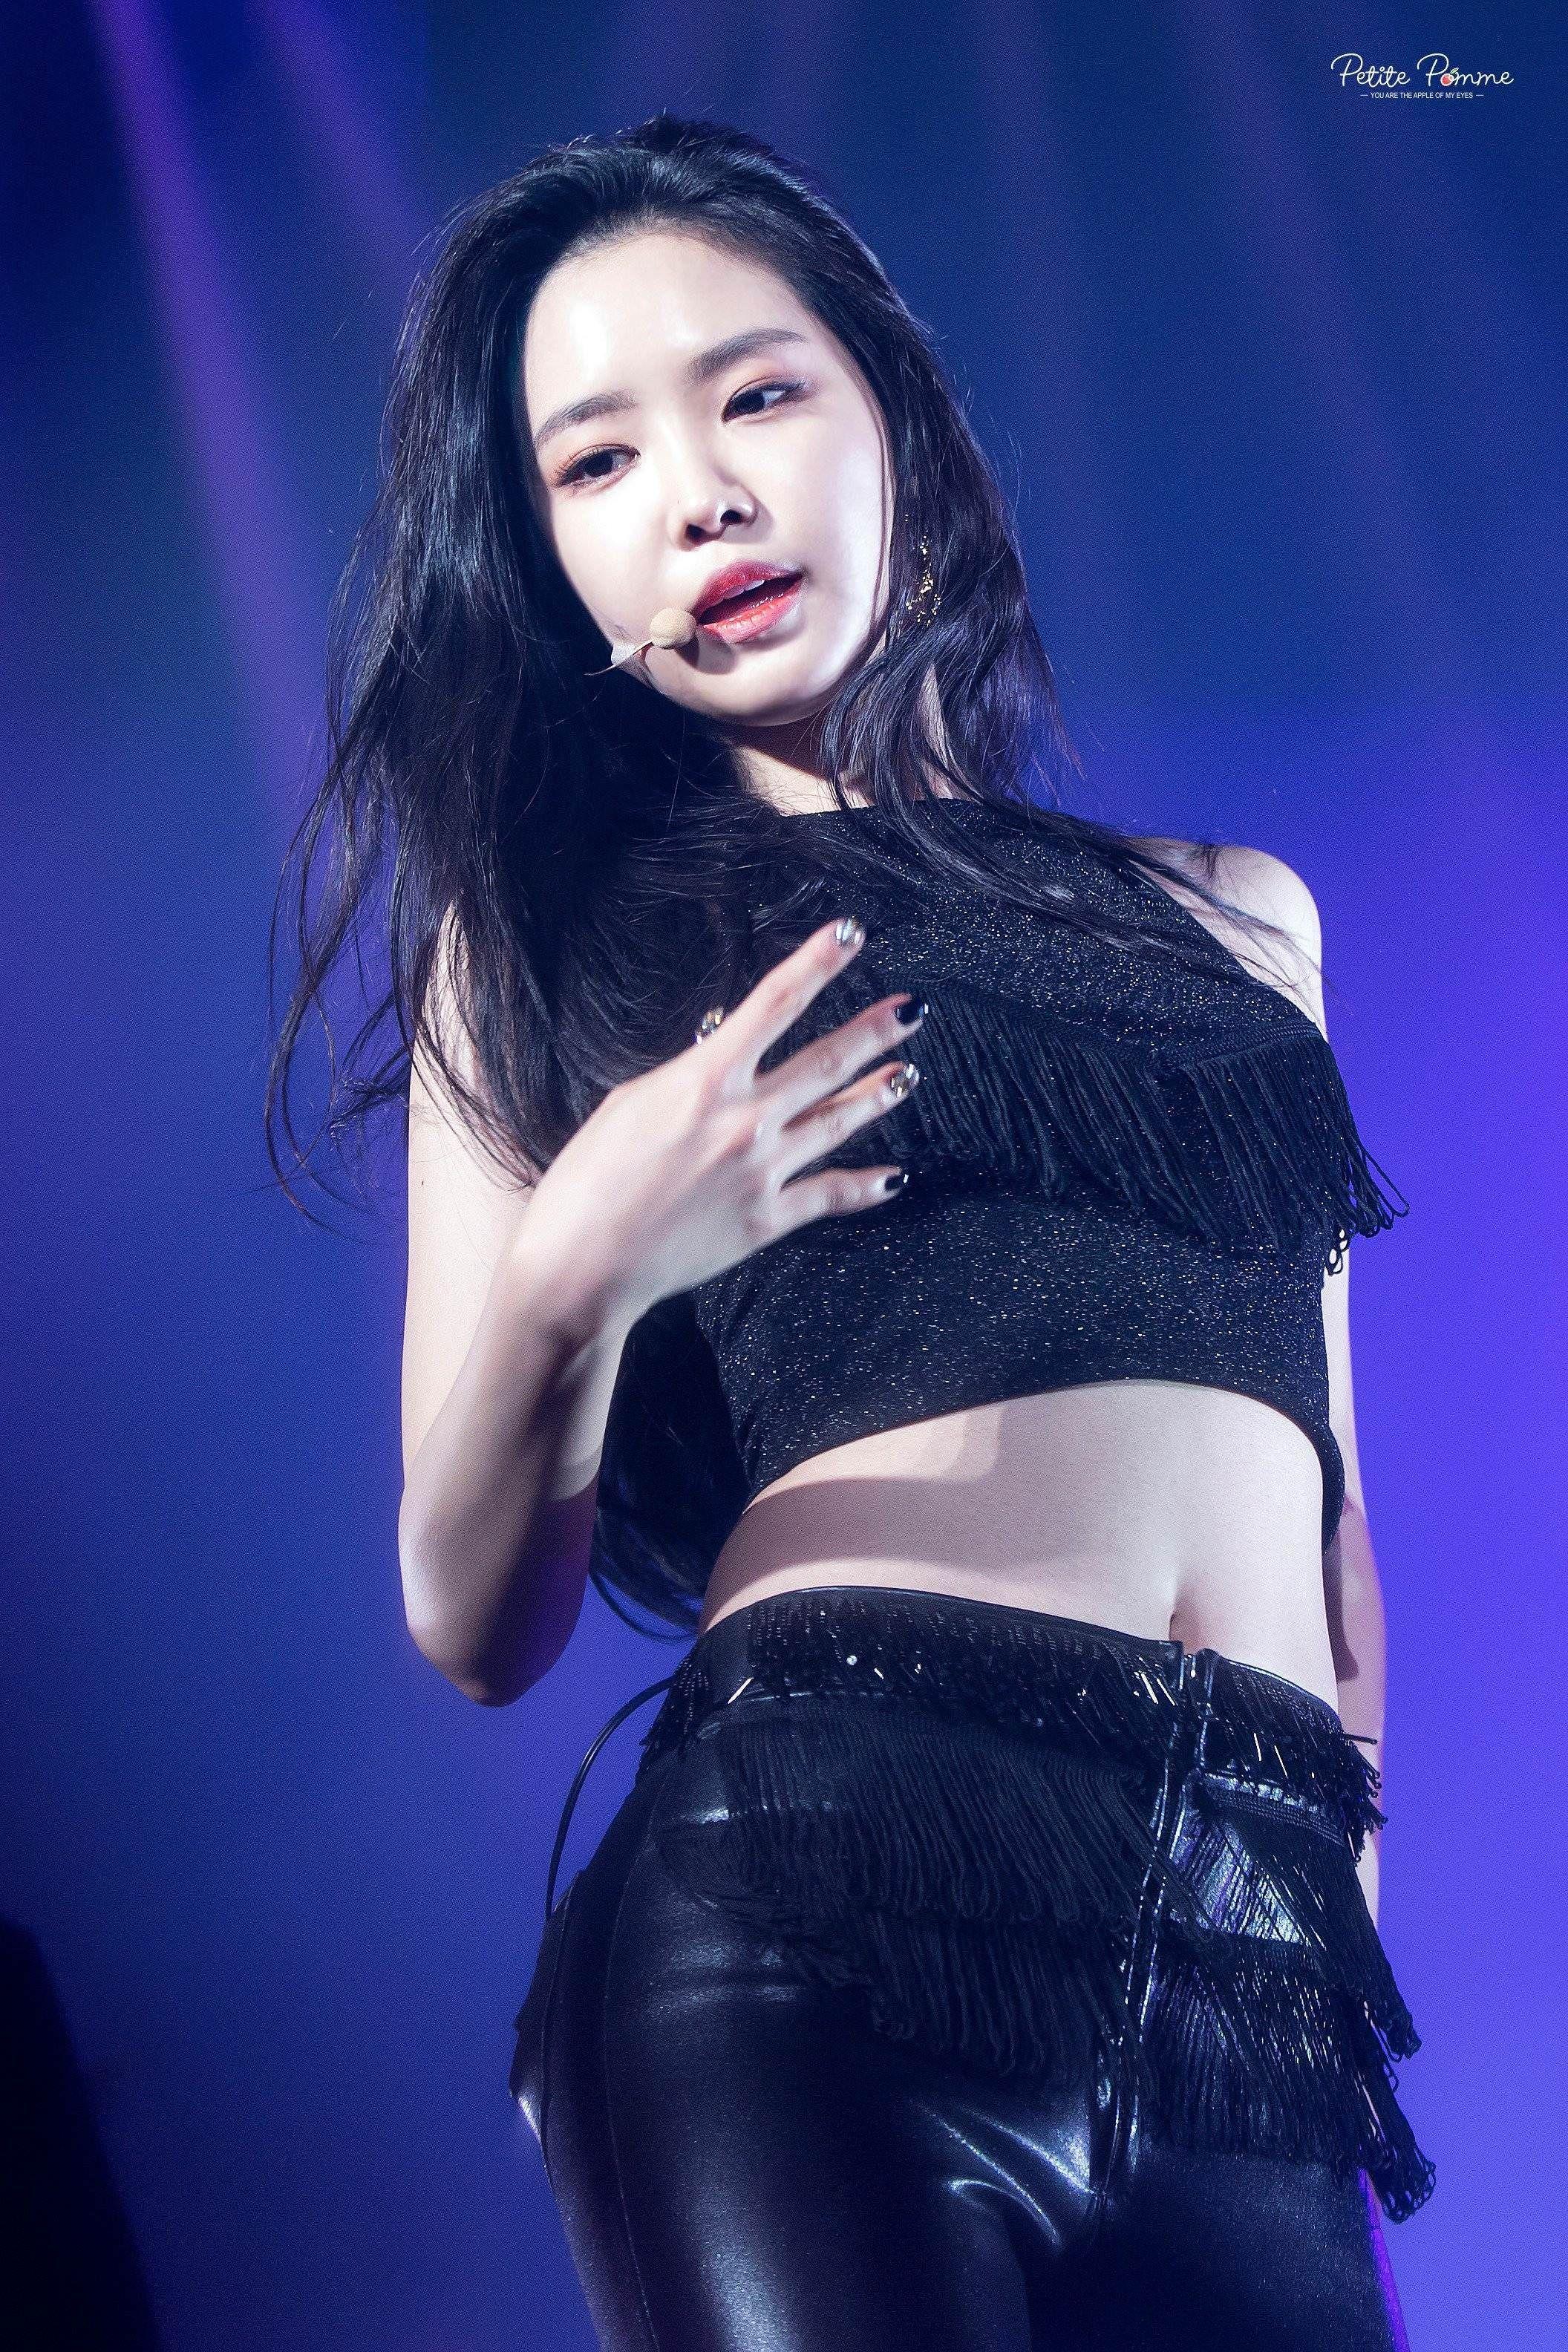 Son NaEun Profile, Son NaEun, Son NaEun All Black